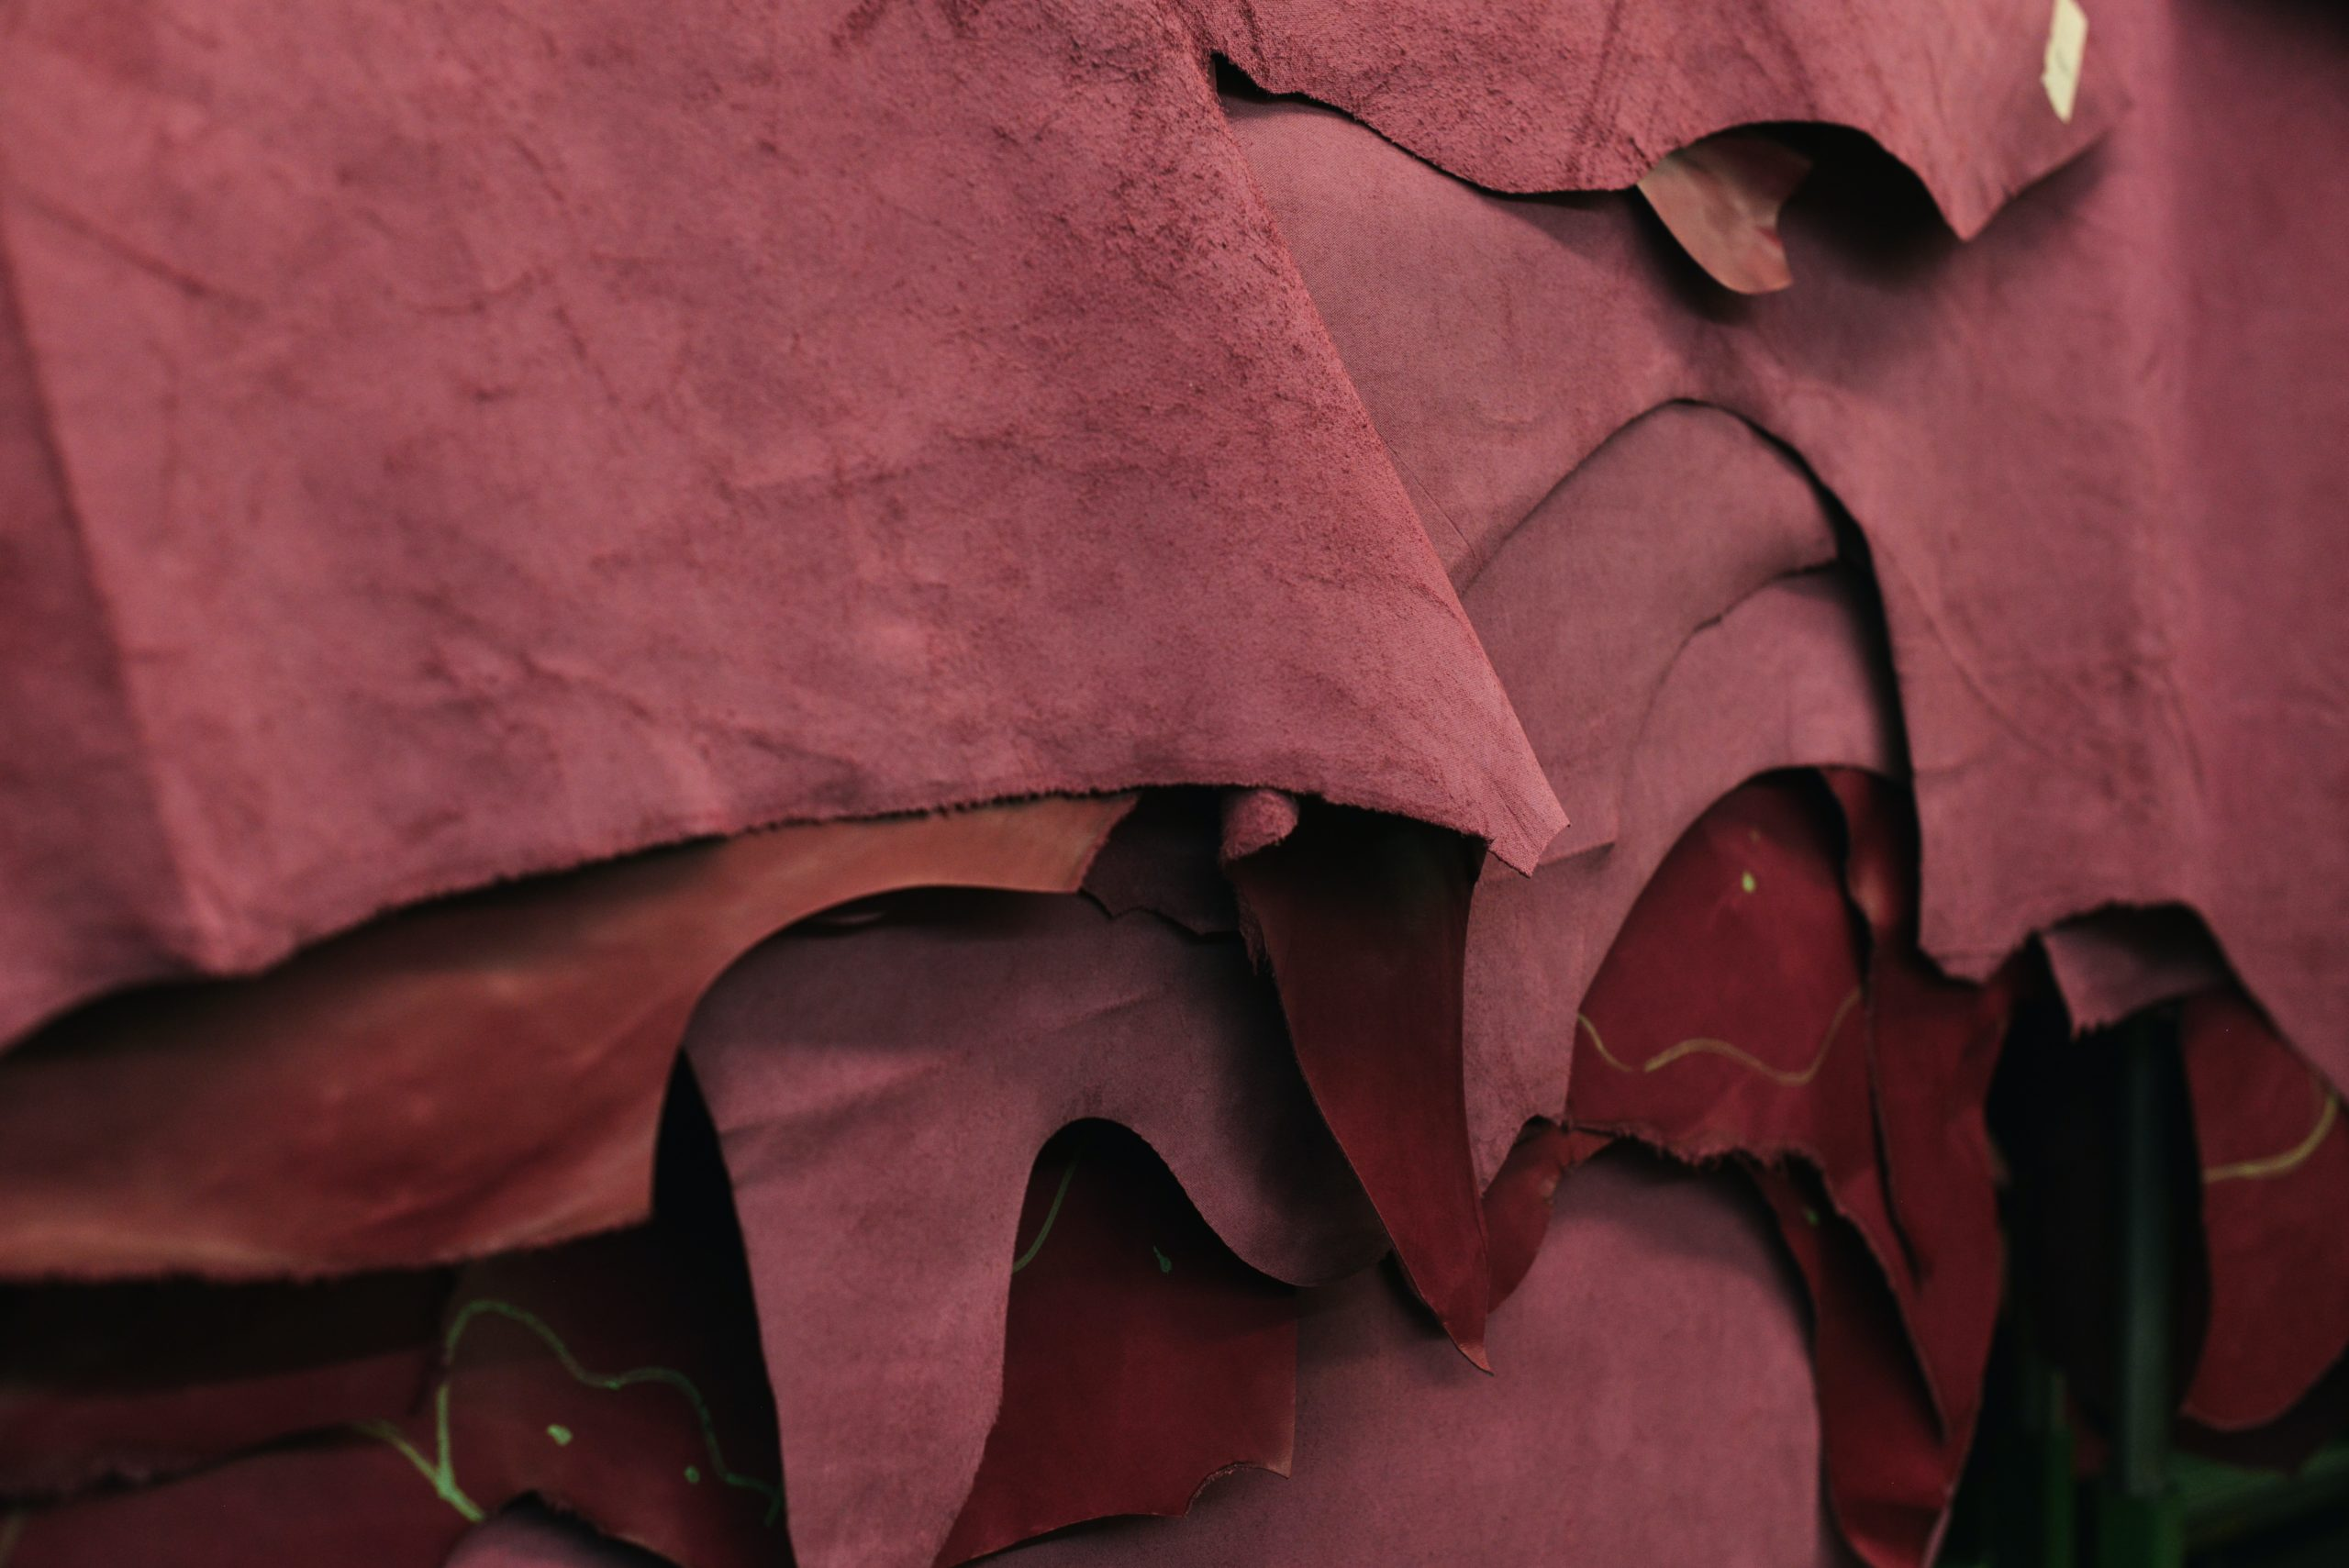 Le cuir éco-responsable : ça existe vraiment ?